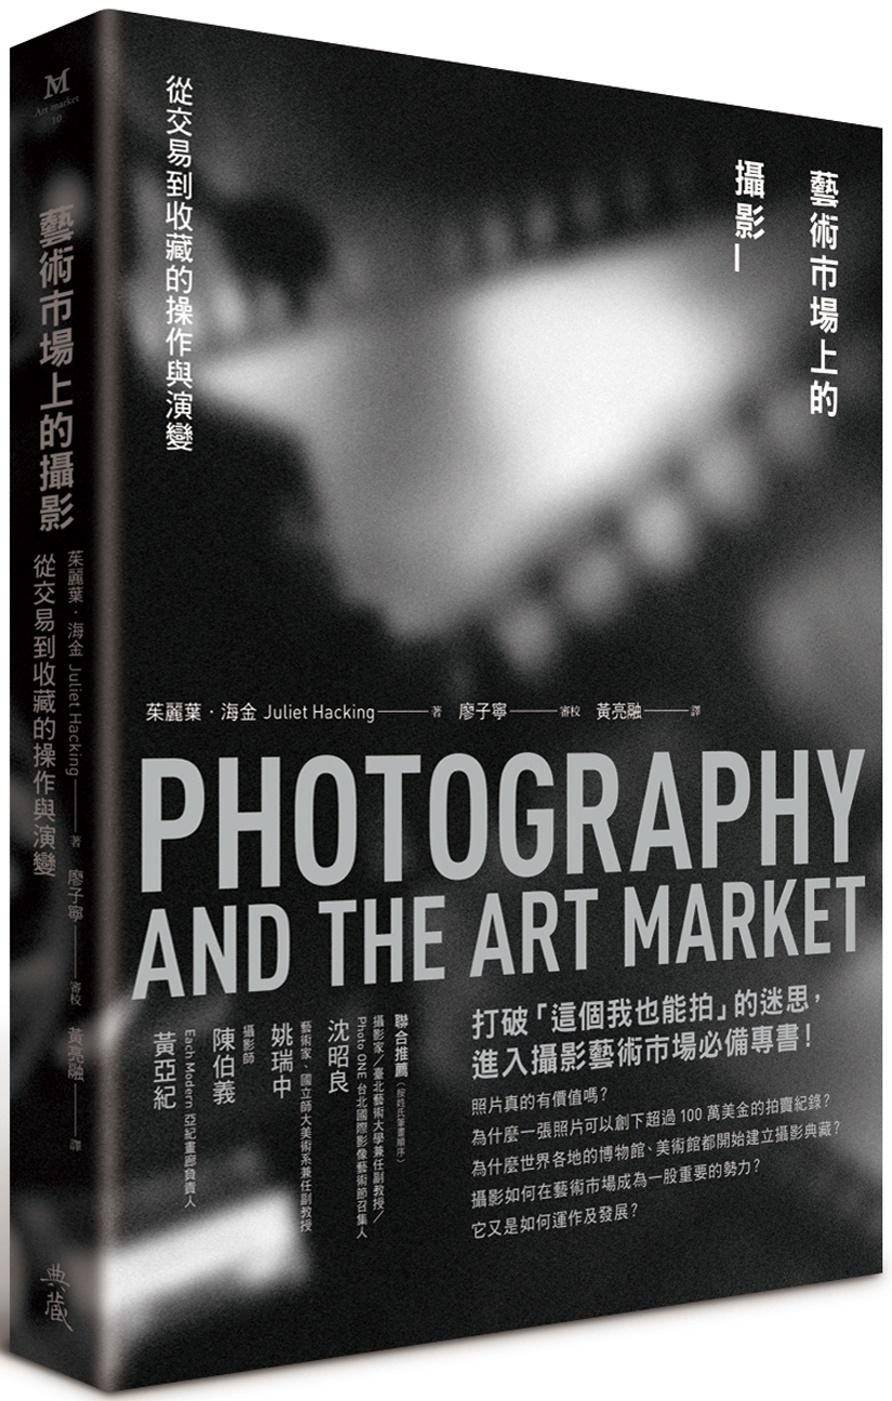 藝術市場上的攝影:從交易到收藏...